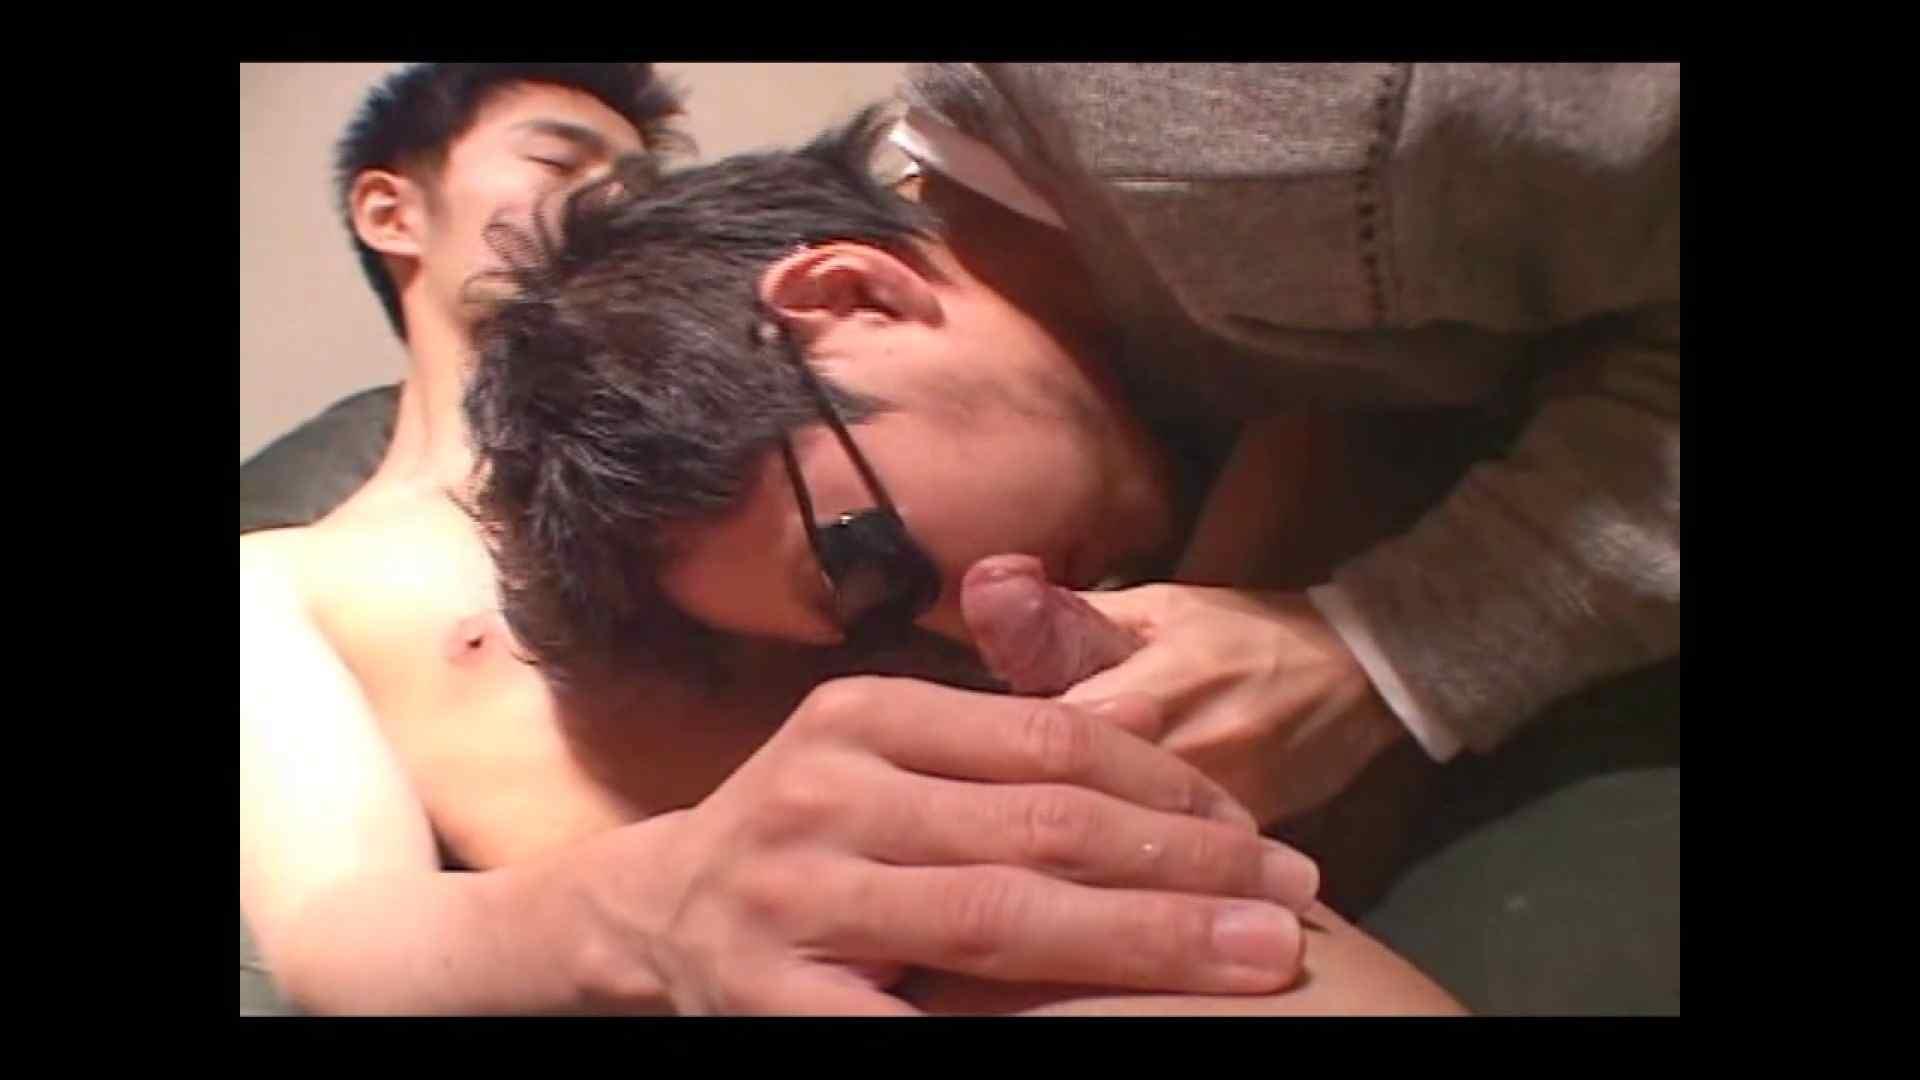 無修正セックス盗撮:突然ですがしゃぶらせてください Vol.15:オナニー